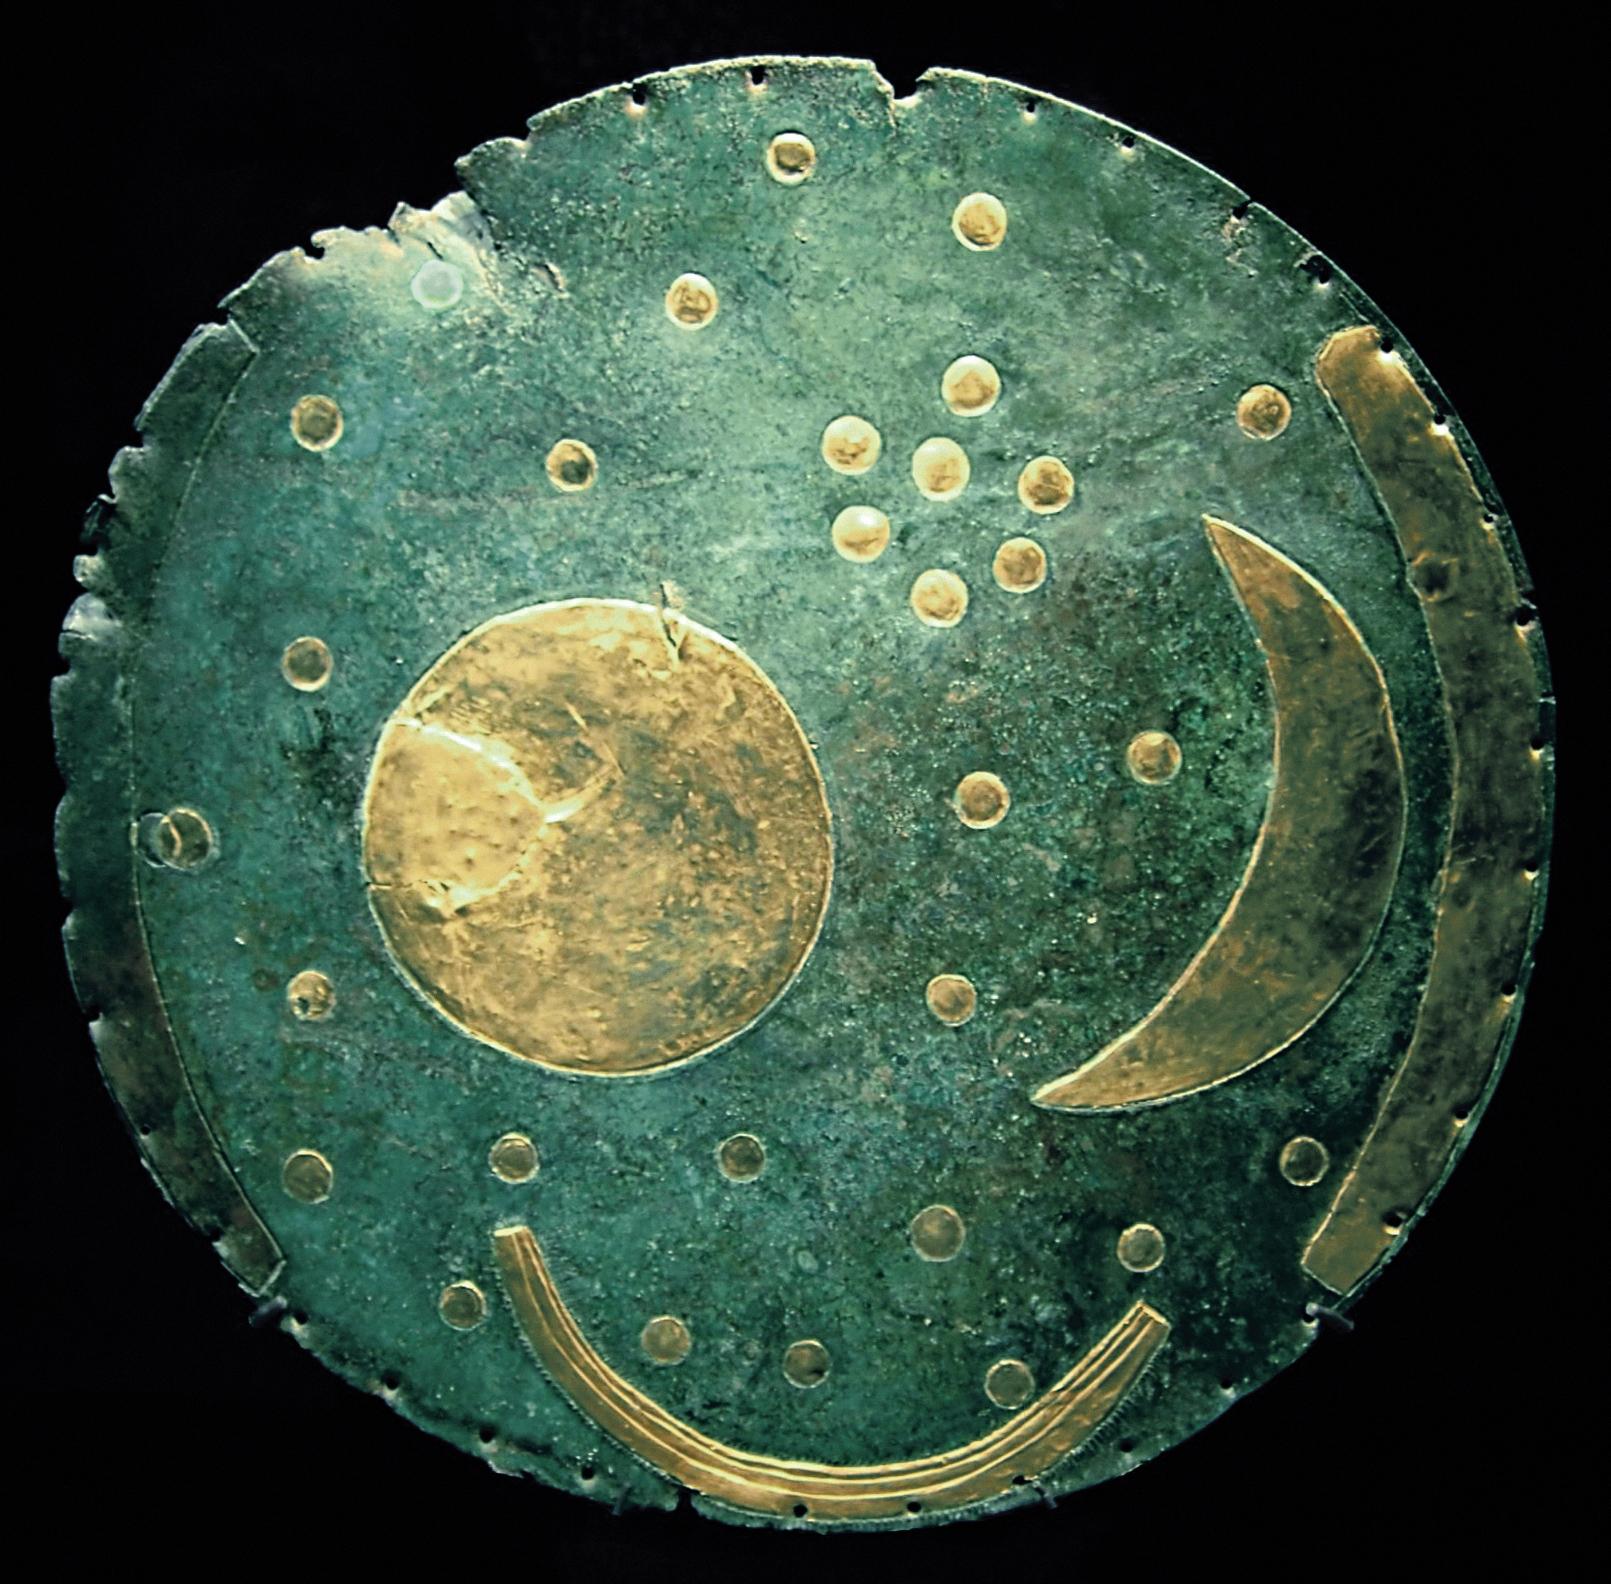 The Nebra sky disk